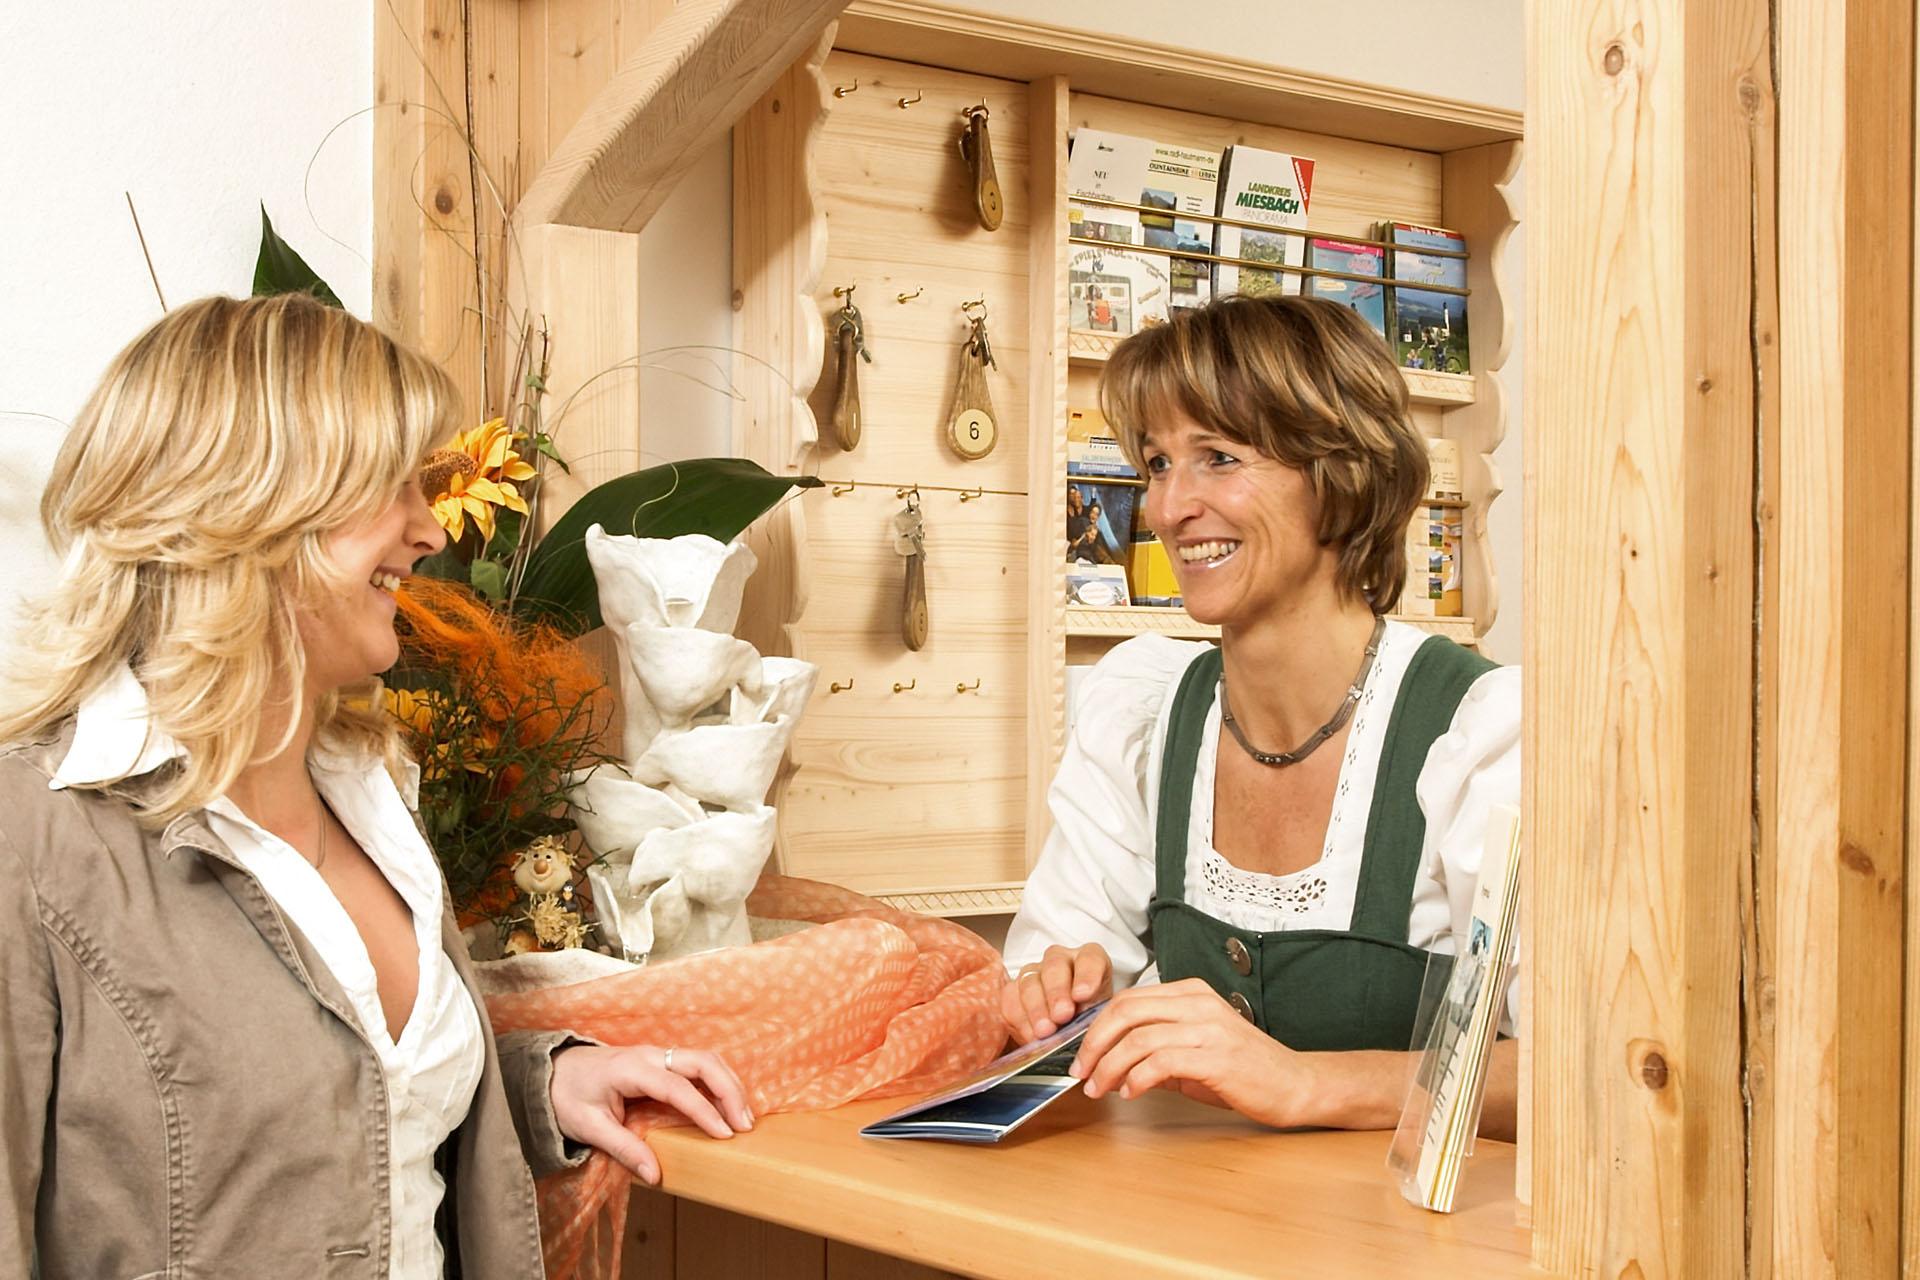 Willkommen in Fischbachau - Ihre Anreise Fischbachau